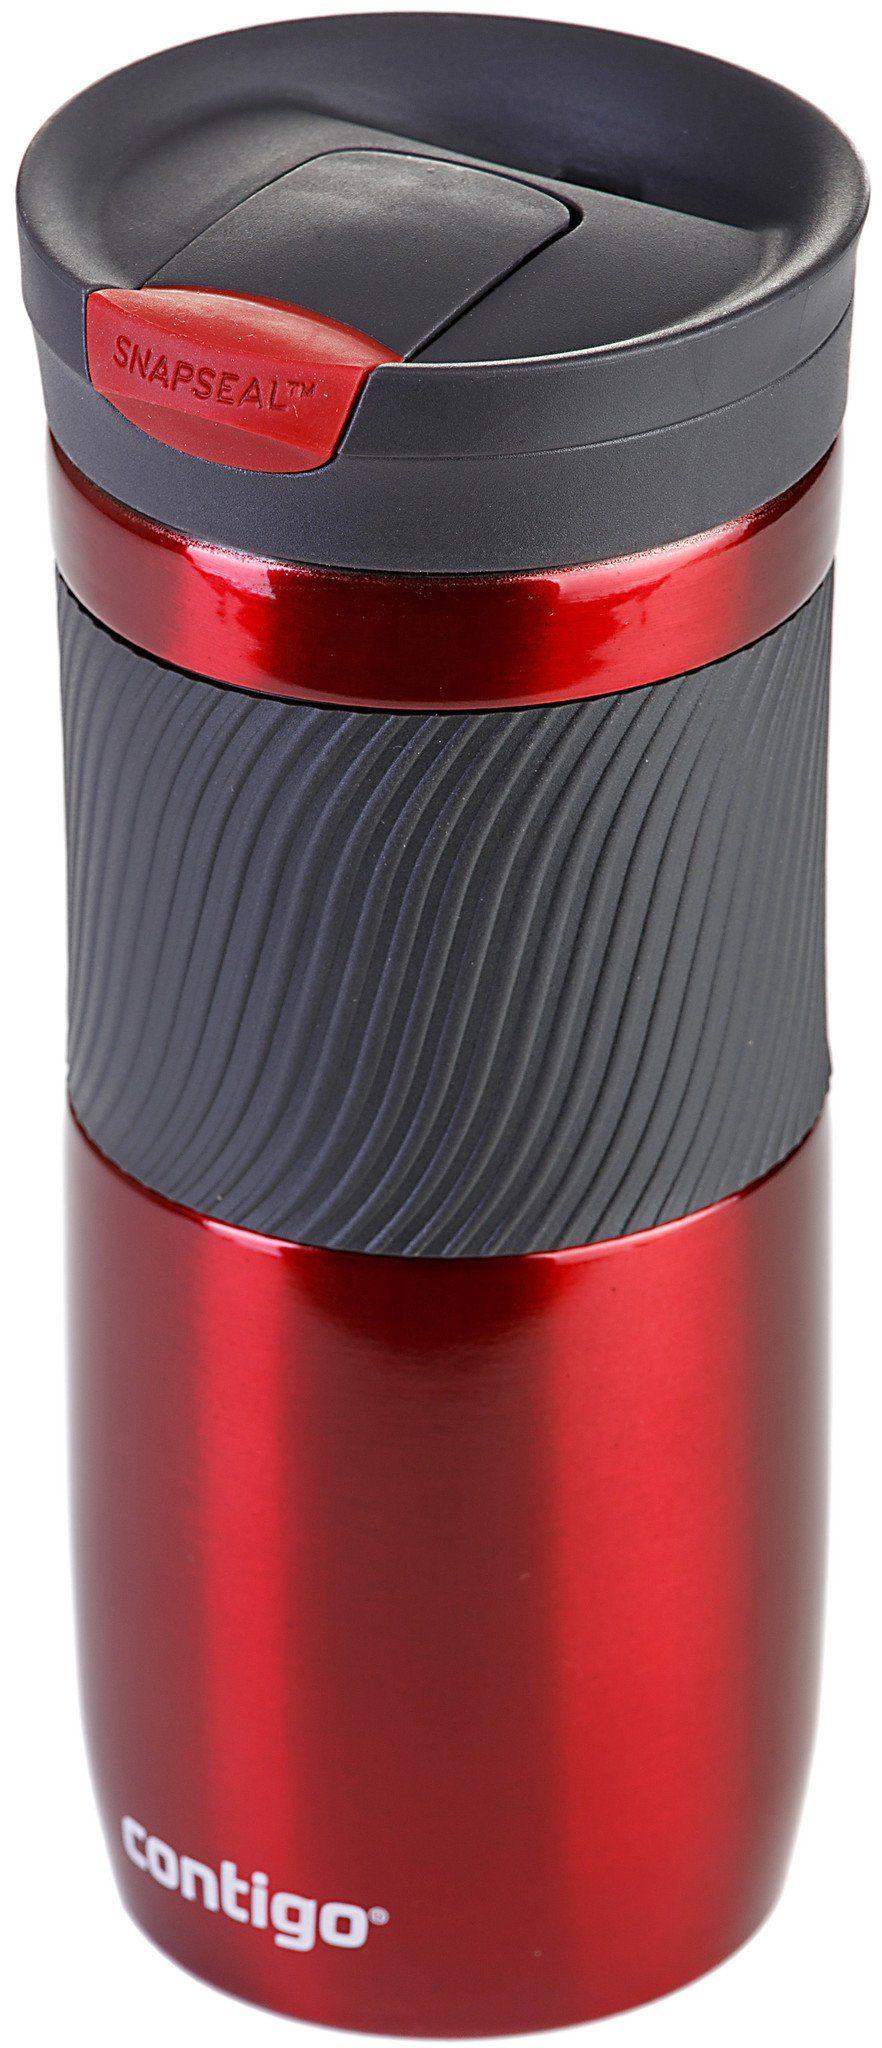 Contigo Trinkflasche »Snapseal Byron 16«